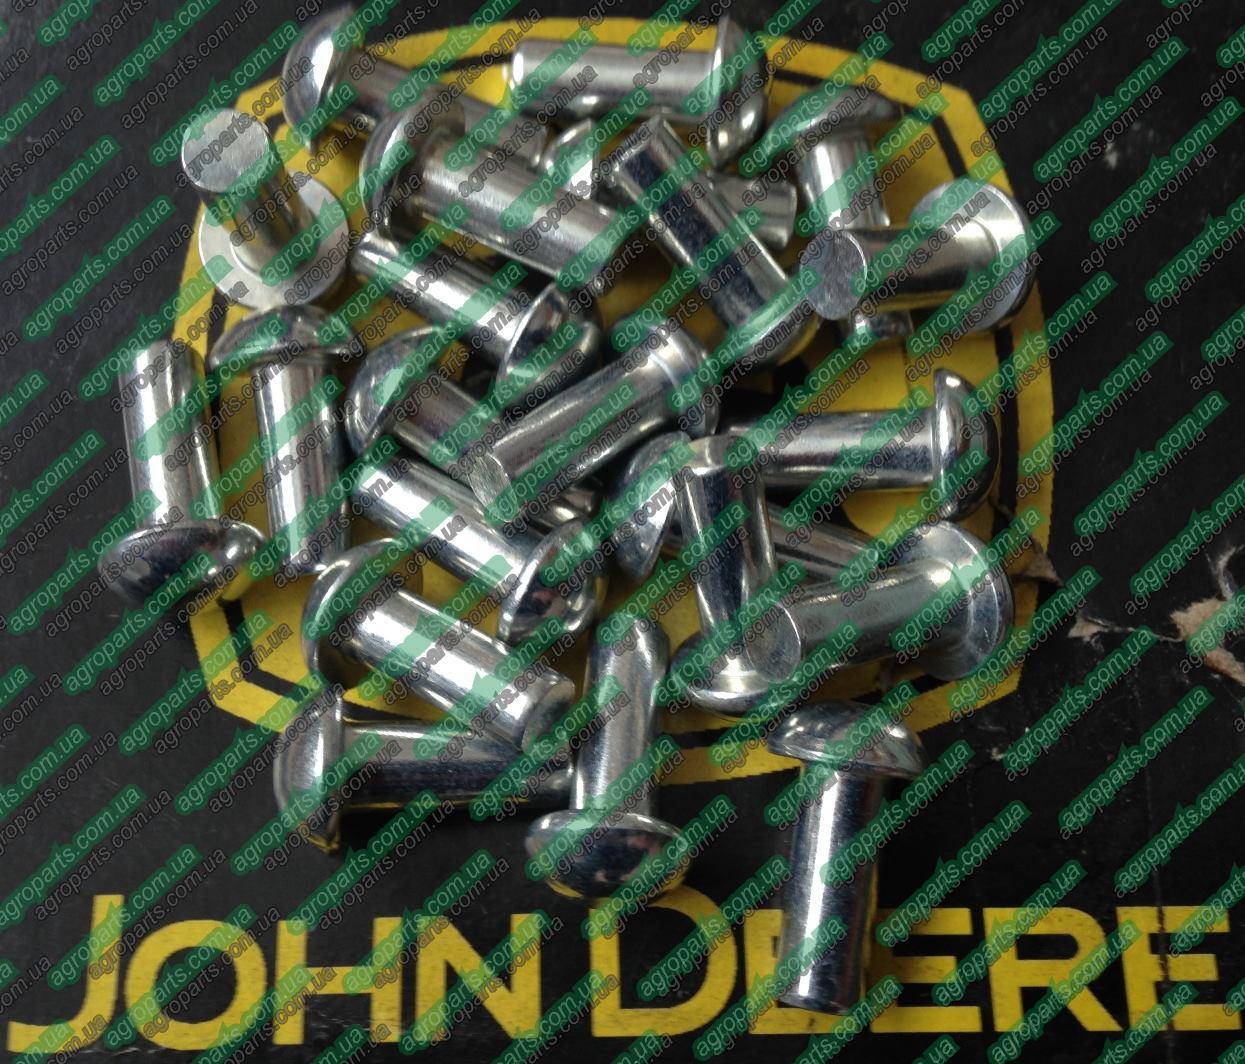 Заклёпка 16Н658 заклепки з.ч.Rivet JohnDeere купить заклепку 16H658 в Украине